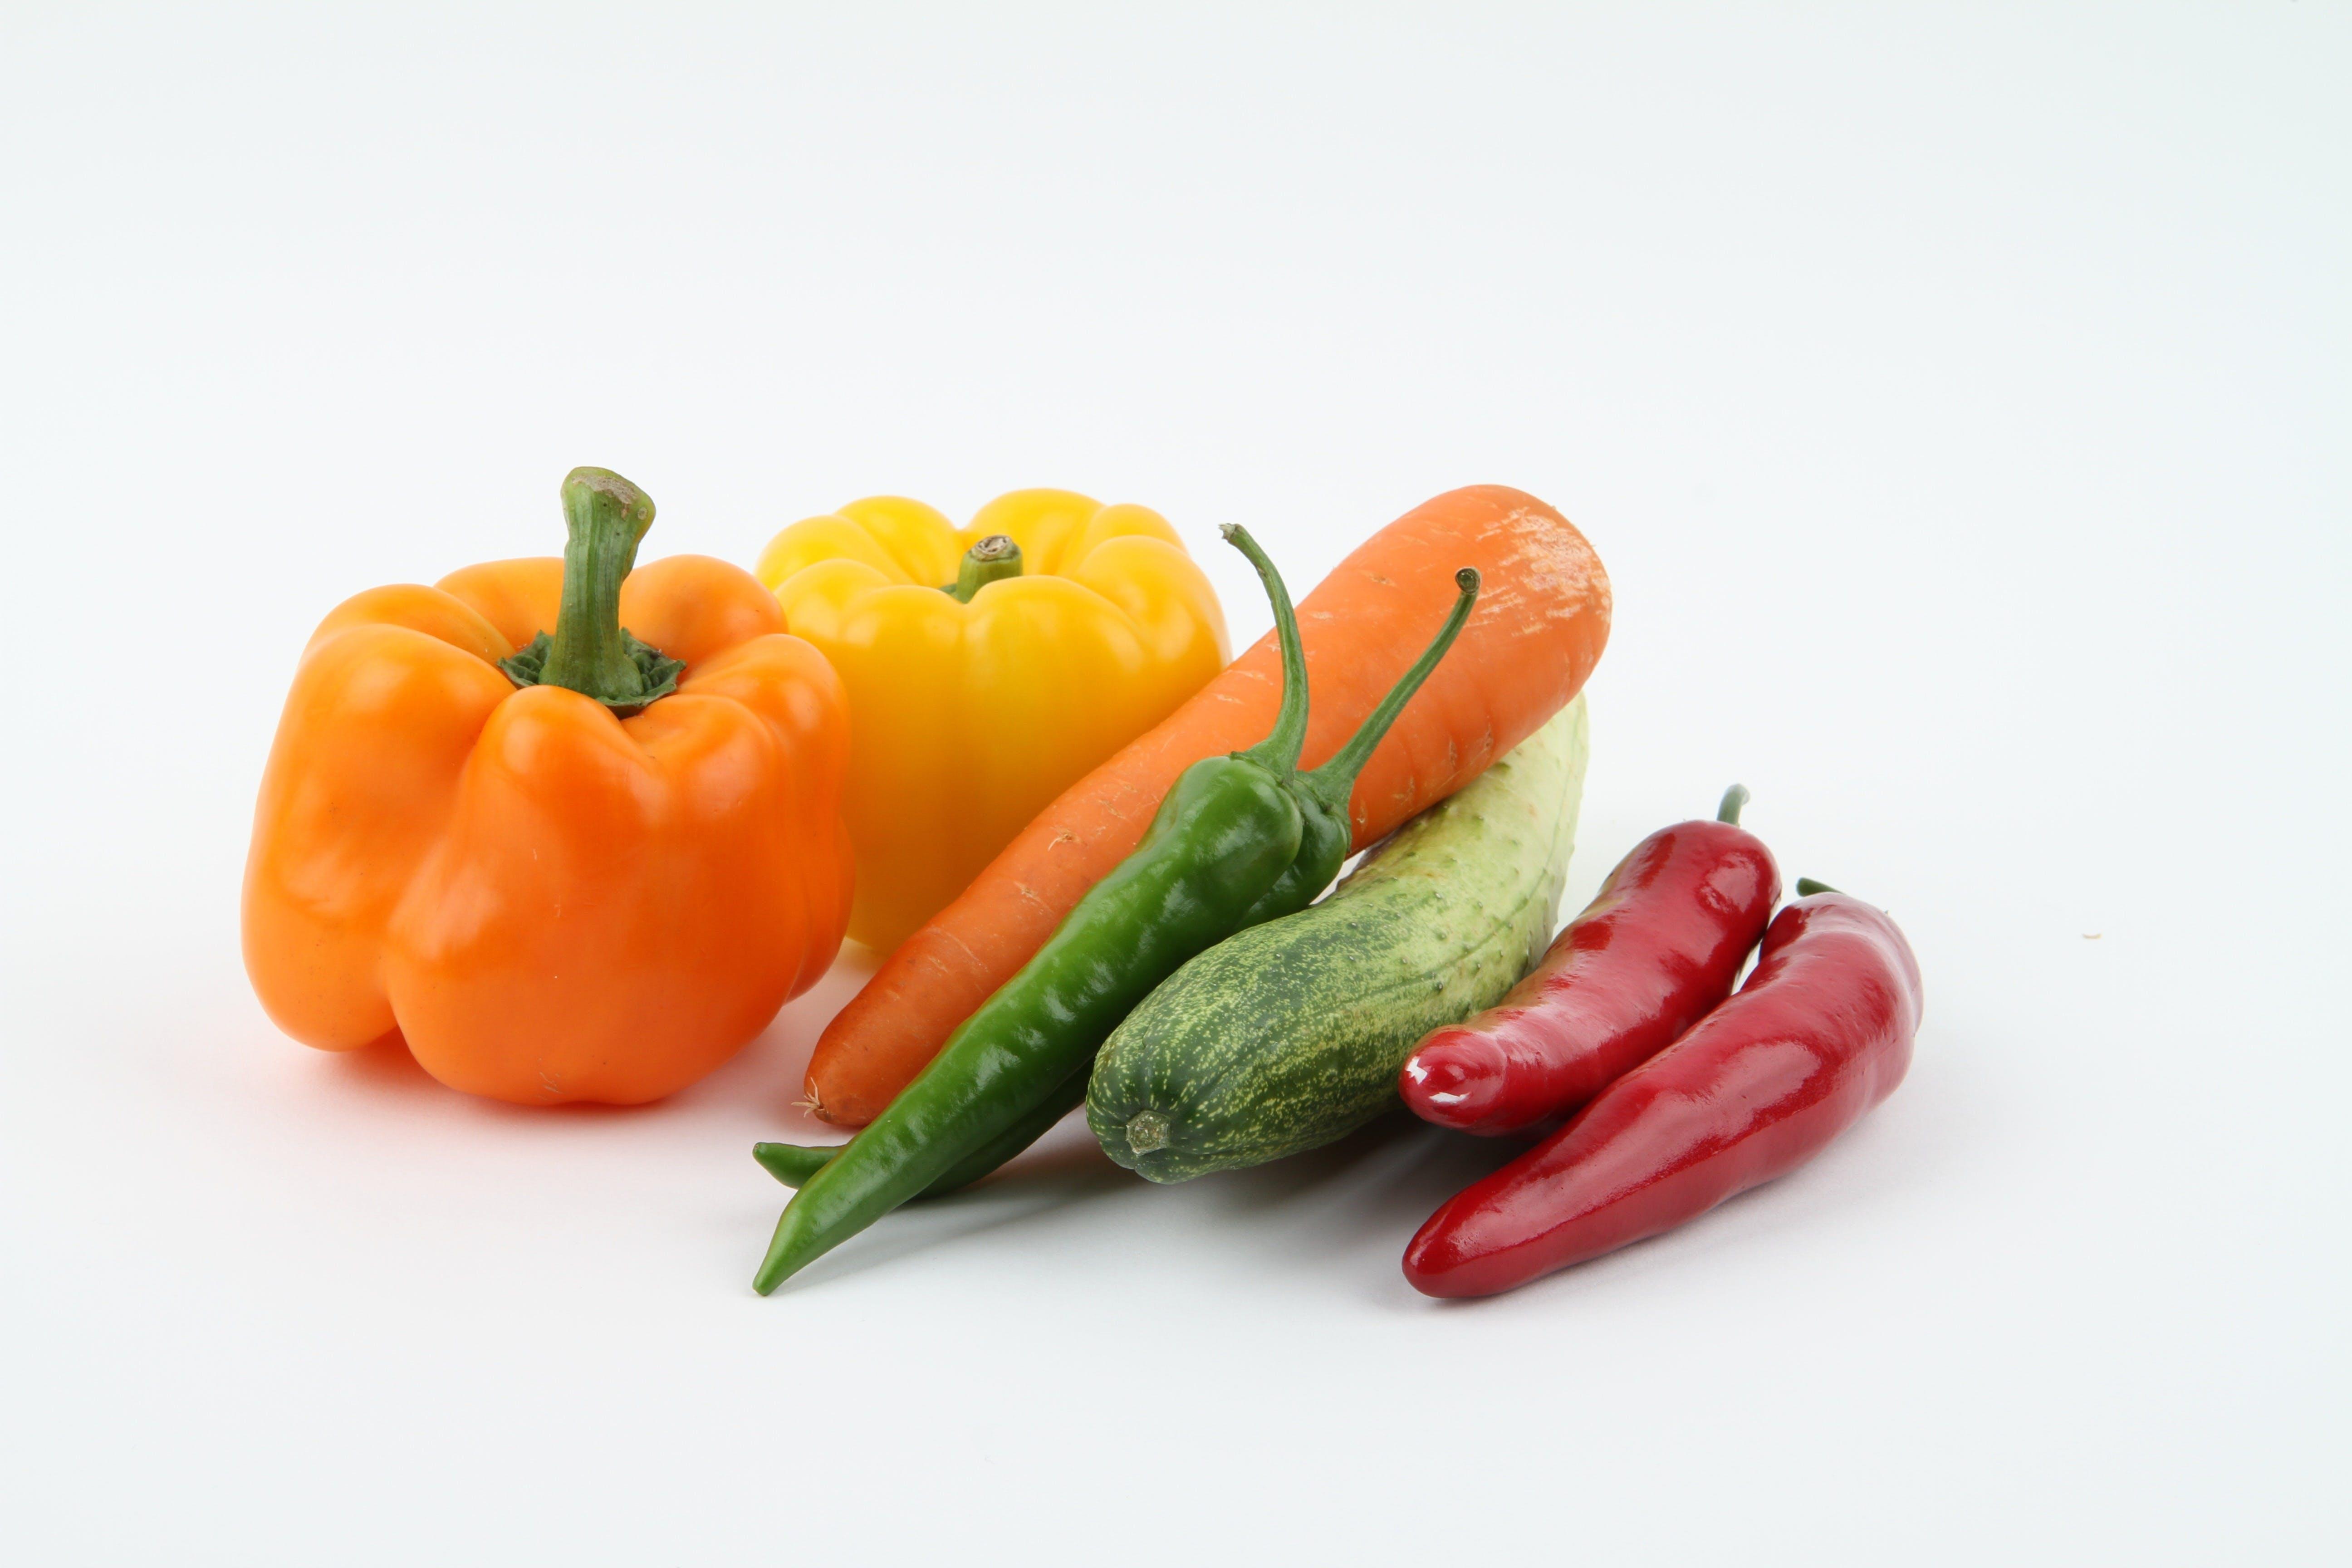 Carrot Beside Red Pepper